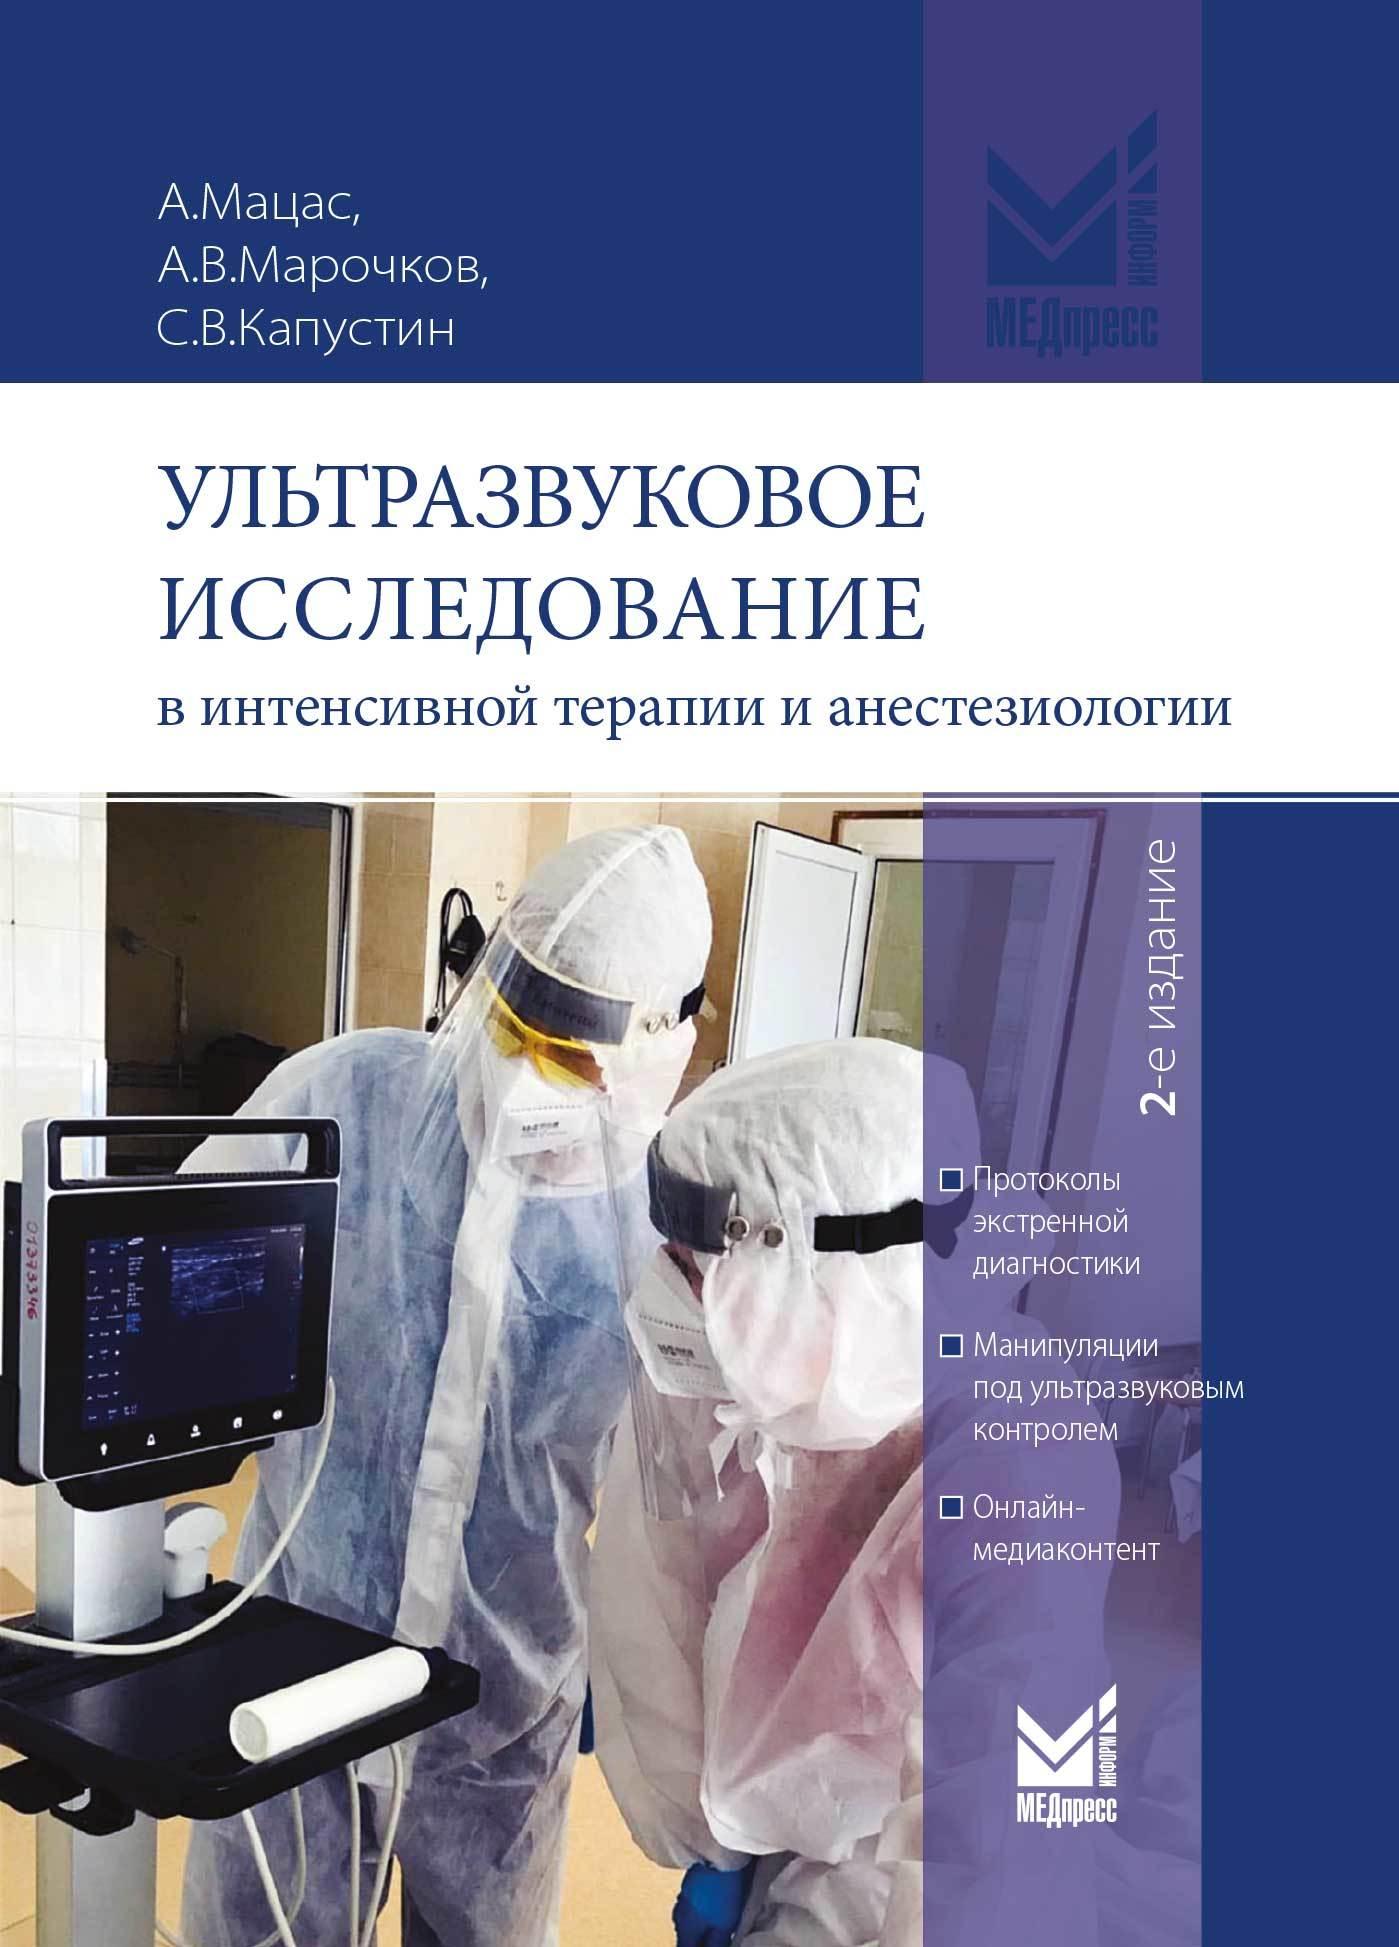 Каталог Ультразвуковое исследование в интенсивной терапии и анестезиологии uz_issl_v_anest.jpg